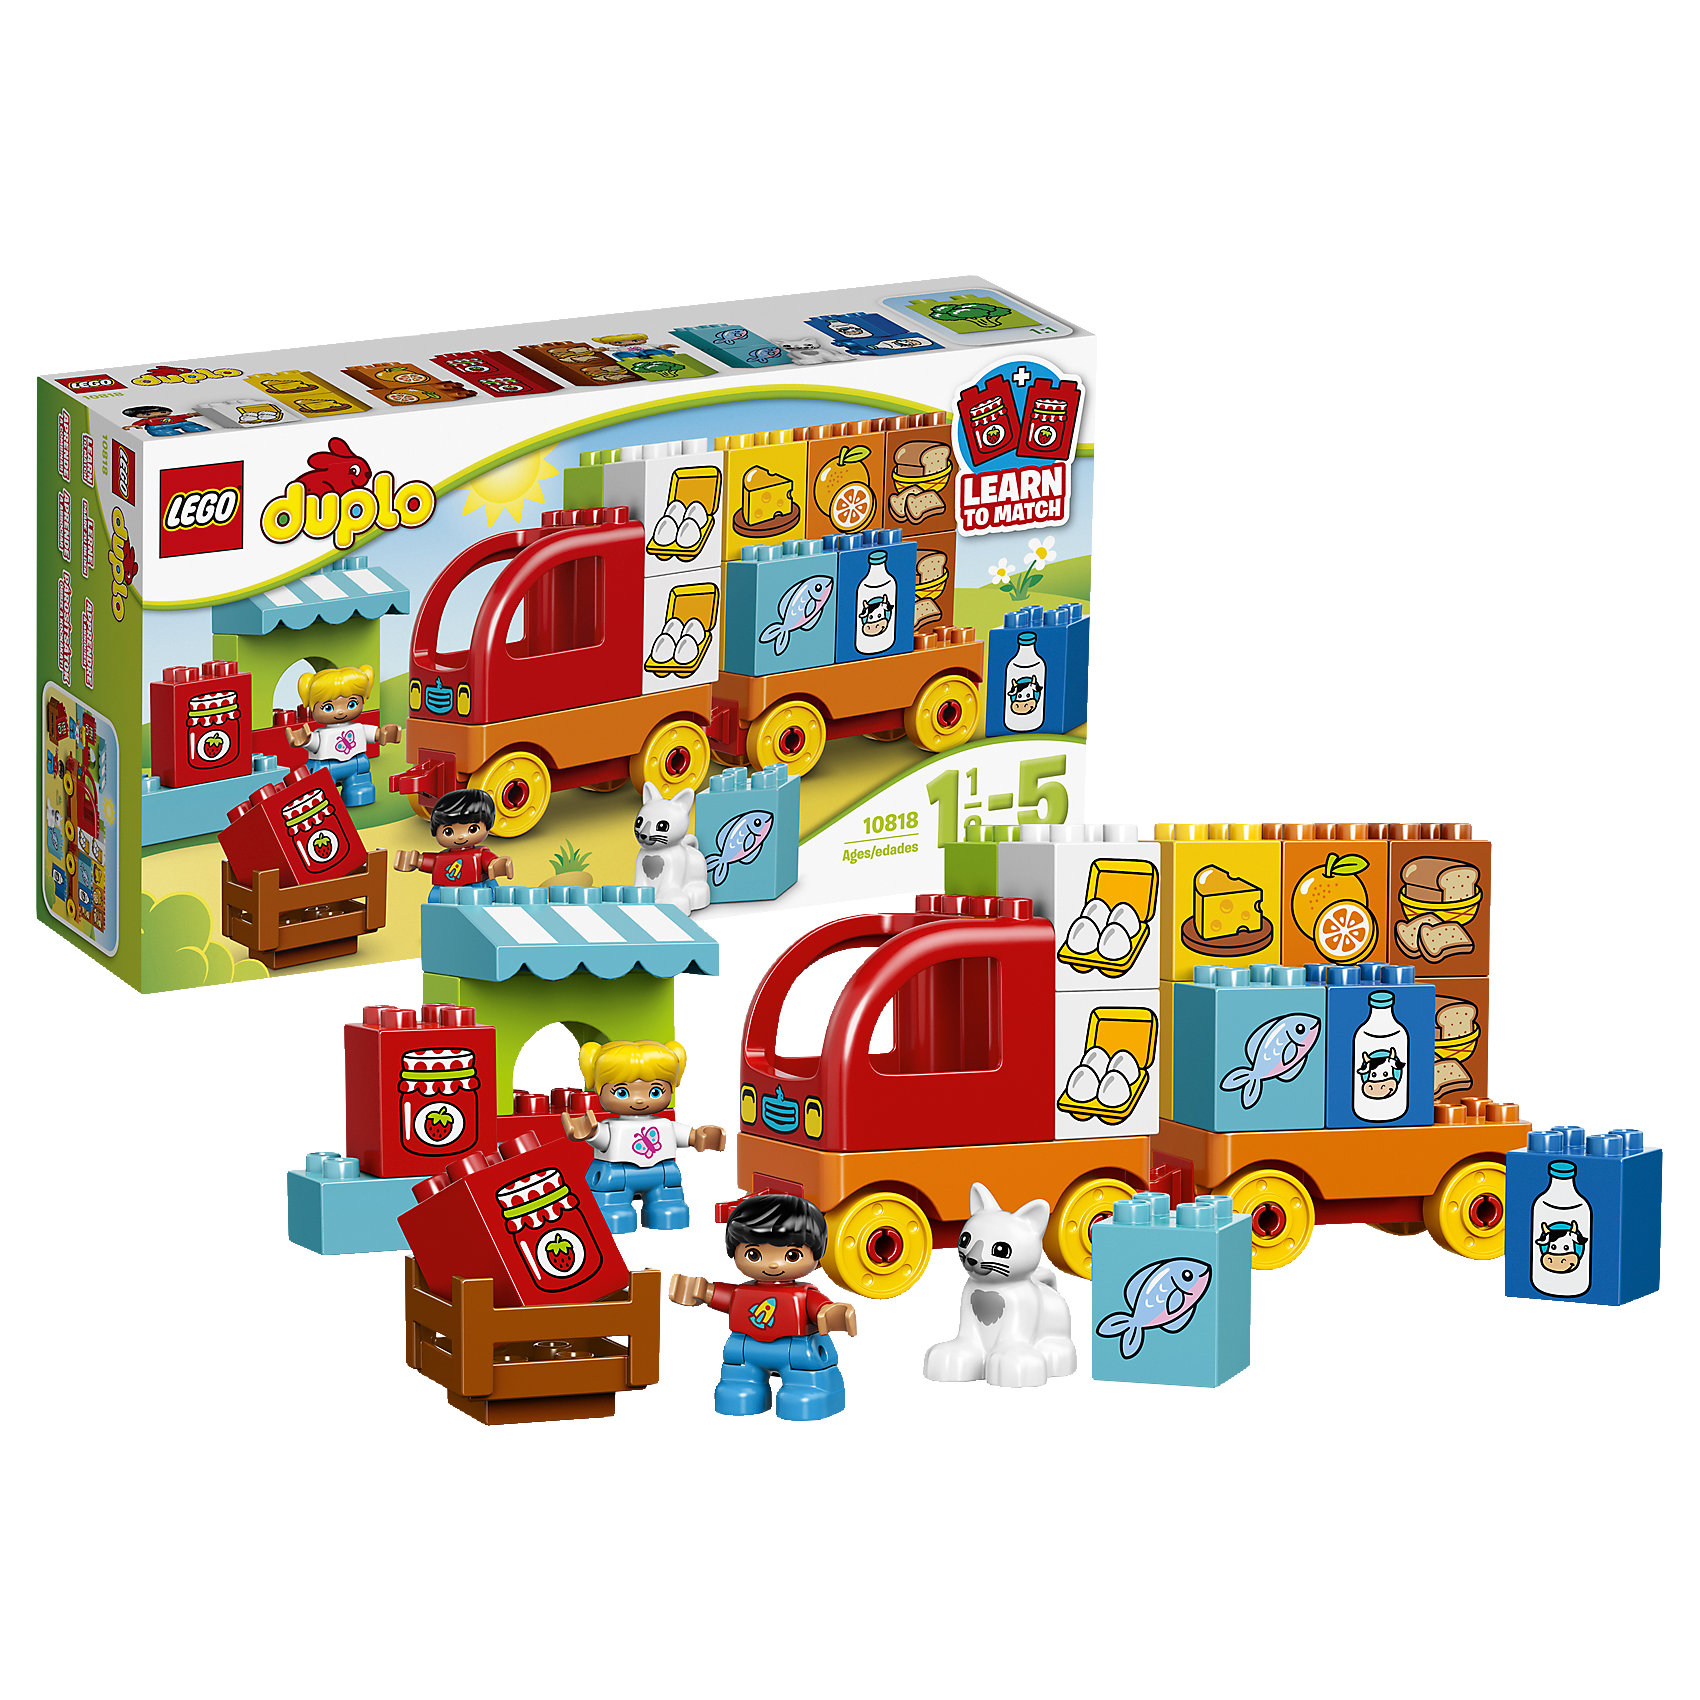 LEGO DUPLO 10818: Мой первый грузовикLEGO DUPLO (ЛЕГО Дупло) 10818: Мой первый грузовик - увлекательный игровой набор, который станет замечательным подарком для Вашего малыша. Из ярких деталей он сможет самостоятельно собрать красочный грузовик с прицепом и местом для водителя. Загрузите кузов разнообразными продуктами (в комплект входят 8 пар разноцветных блоков, декорированных изображениями продуктов) и отправляйтесь в путь. Можно соорудить рыночный киоск с навесом и открыть торговлю. Все детали разработаны специально для маленьких детских ручек. Набор предоставляет большие возможности для веселых ролевых игр и развития фантазии.<br><br>ЛЕГО Дупло - серия конструкторов для малышей, которую отличают крупные яркие детали со скругленными углами и многообразие игровых сюжетов, это и животные, и растения, и машинки, и сказочные персонажи. <br><br>Дополнительная информация:<br><br>- Игра с конструктором LEGO (ЛЕГО) развивает мелкую моторику ребенка, фантазию и воображение, учит его усидчивости и внимательности.<br>- Количество деталей: 29.<br>- Количество минифигур: 3 (водитель, продавщица, кошечка).<br>- Серия: LEGO DUPLO (ЛЕГО Дупло). <br>- Материал: пластик.<br>- Размер упаковки: 35,5 х 9 х 19 см.<br>- Вес: 0,63 кг.<br><br>Конструктор LEGO DUPLO (ЛЕГО Дупло) 10818: Мой первый грузовик можно купить в нашем интернет-магазине.<br><br>Ширина мм: 357<br>Глубина мм: 192<br>Высота мм: 96<br>Вес г: 613<br>Возраст от месяцев: 18<br>Возраст до месяцев: 60<br>Пол: Мужской<br>Возраст: Детский<br>SKU: 4259151